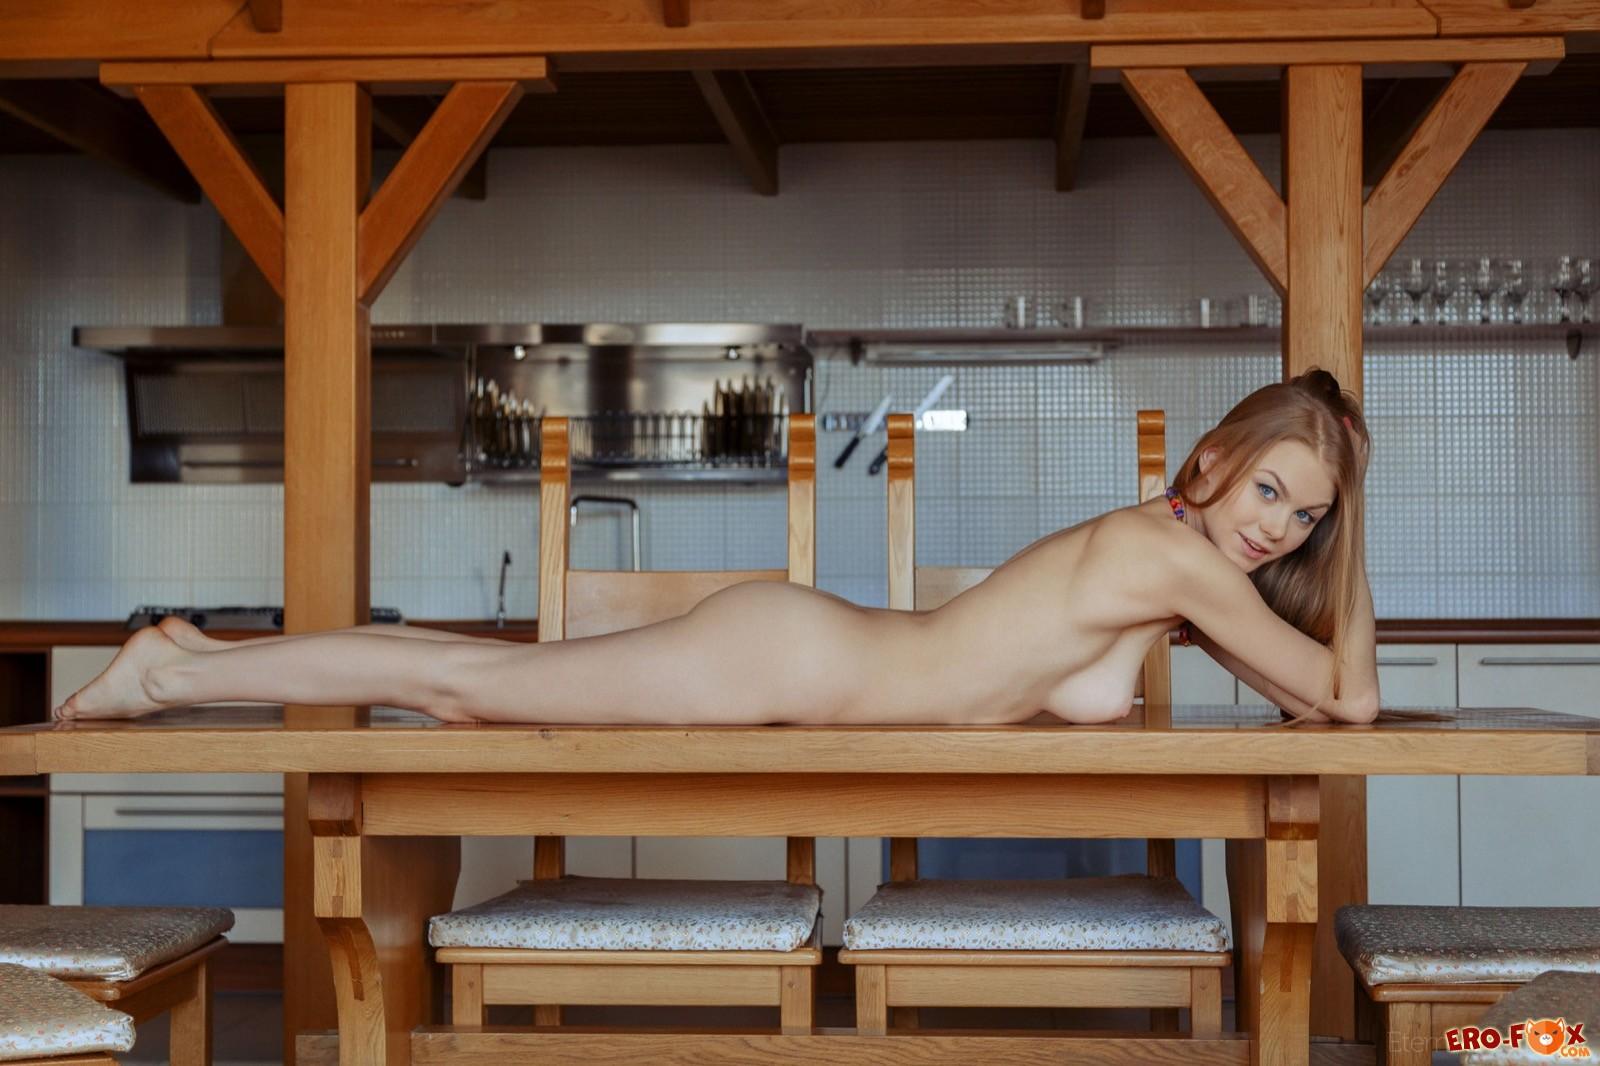 Голая блондинка лежит на столе